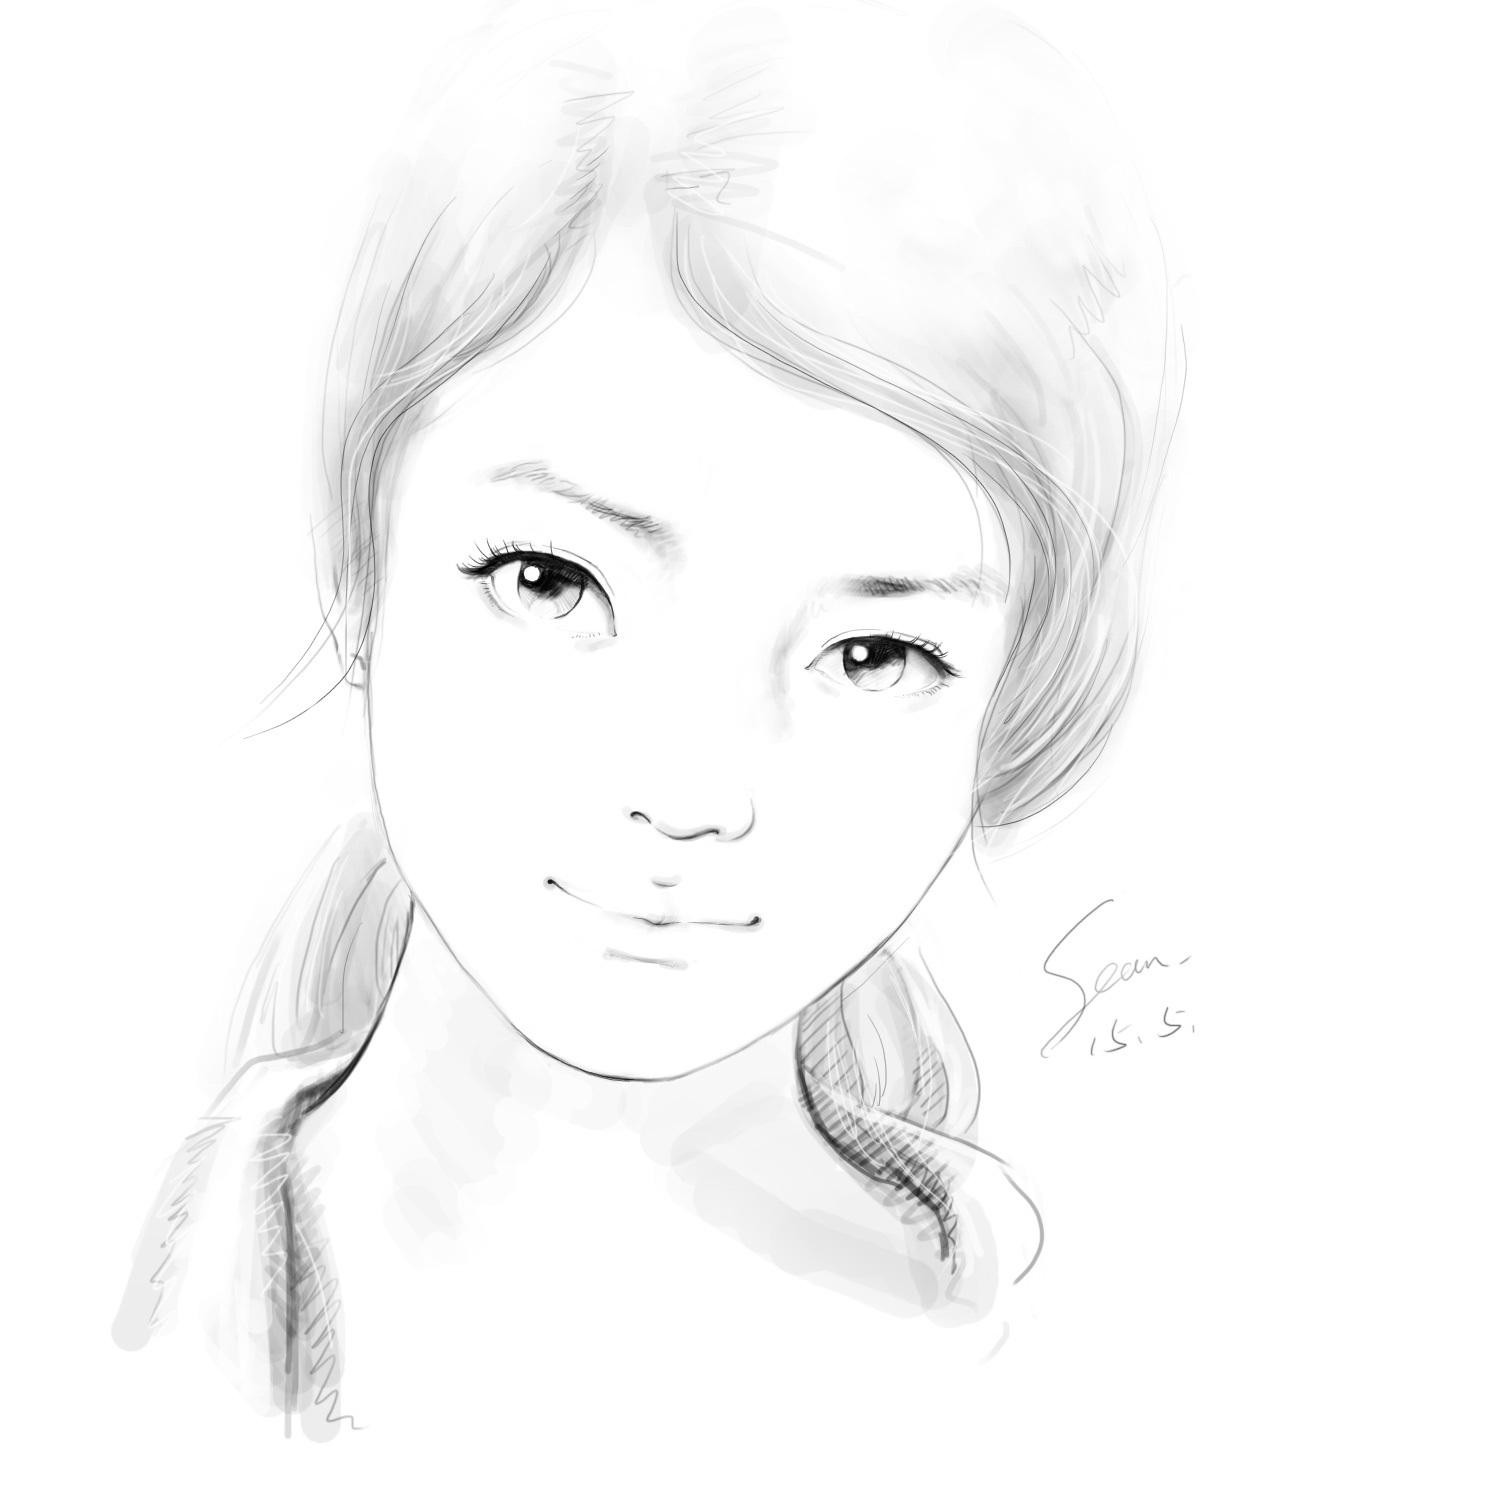 手绘女生头像|动漫|单幅漫画|xubotao - 原创作品